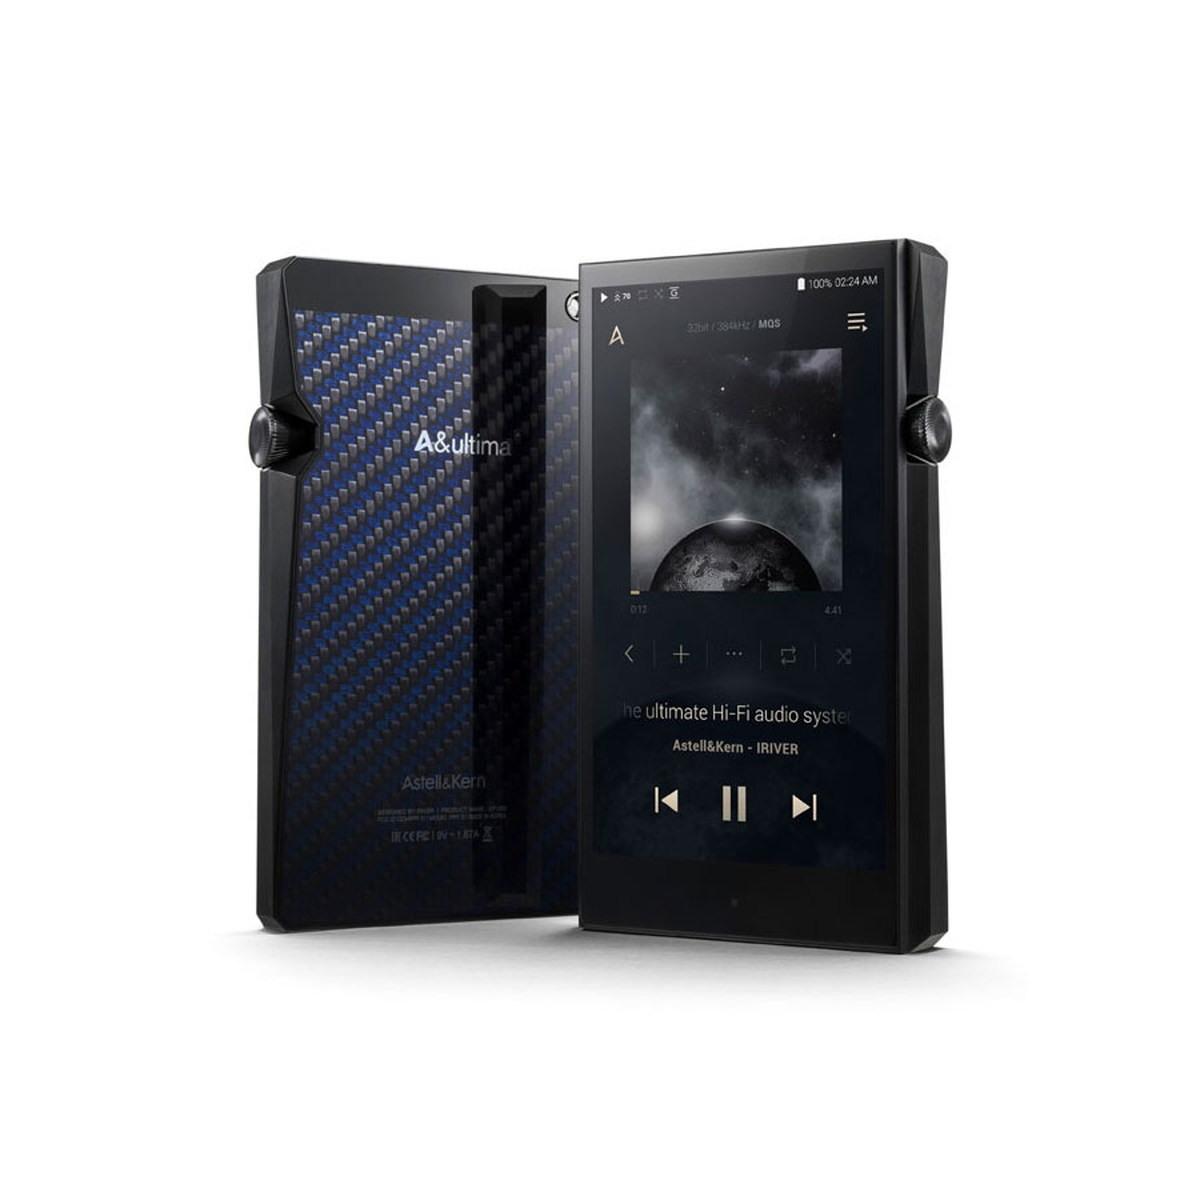 約50万円のハイレゾプレーヤー「A&ultima SP1000 Onyx Black」が登場